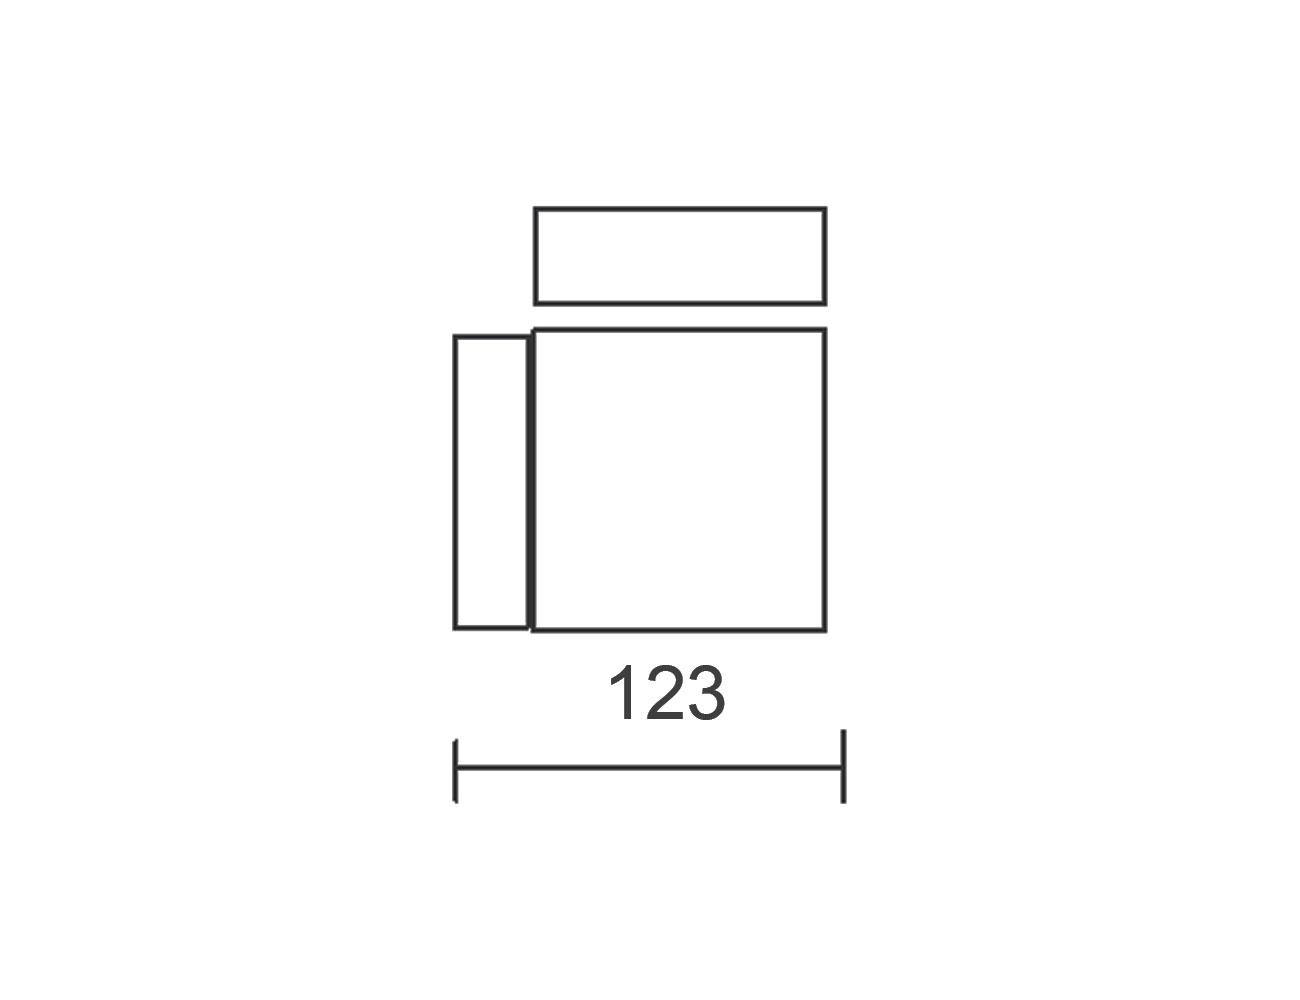 Modulo 1234